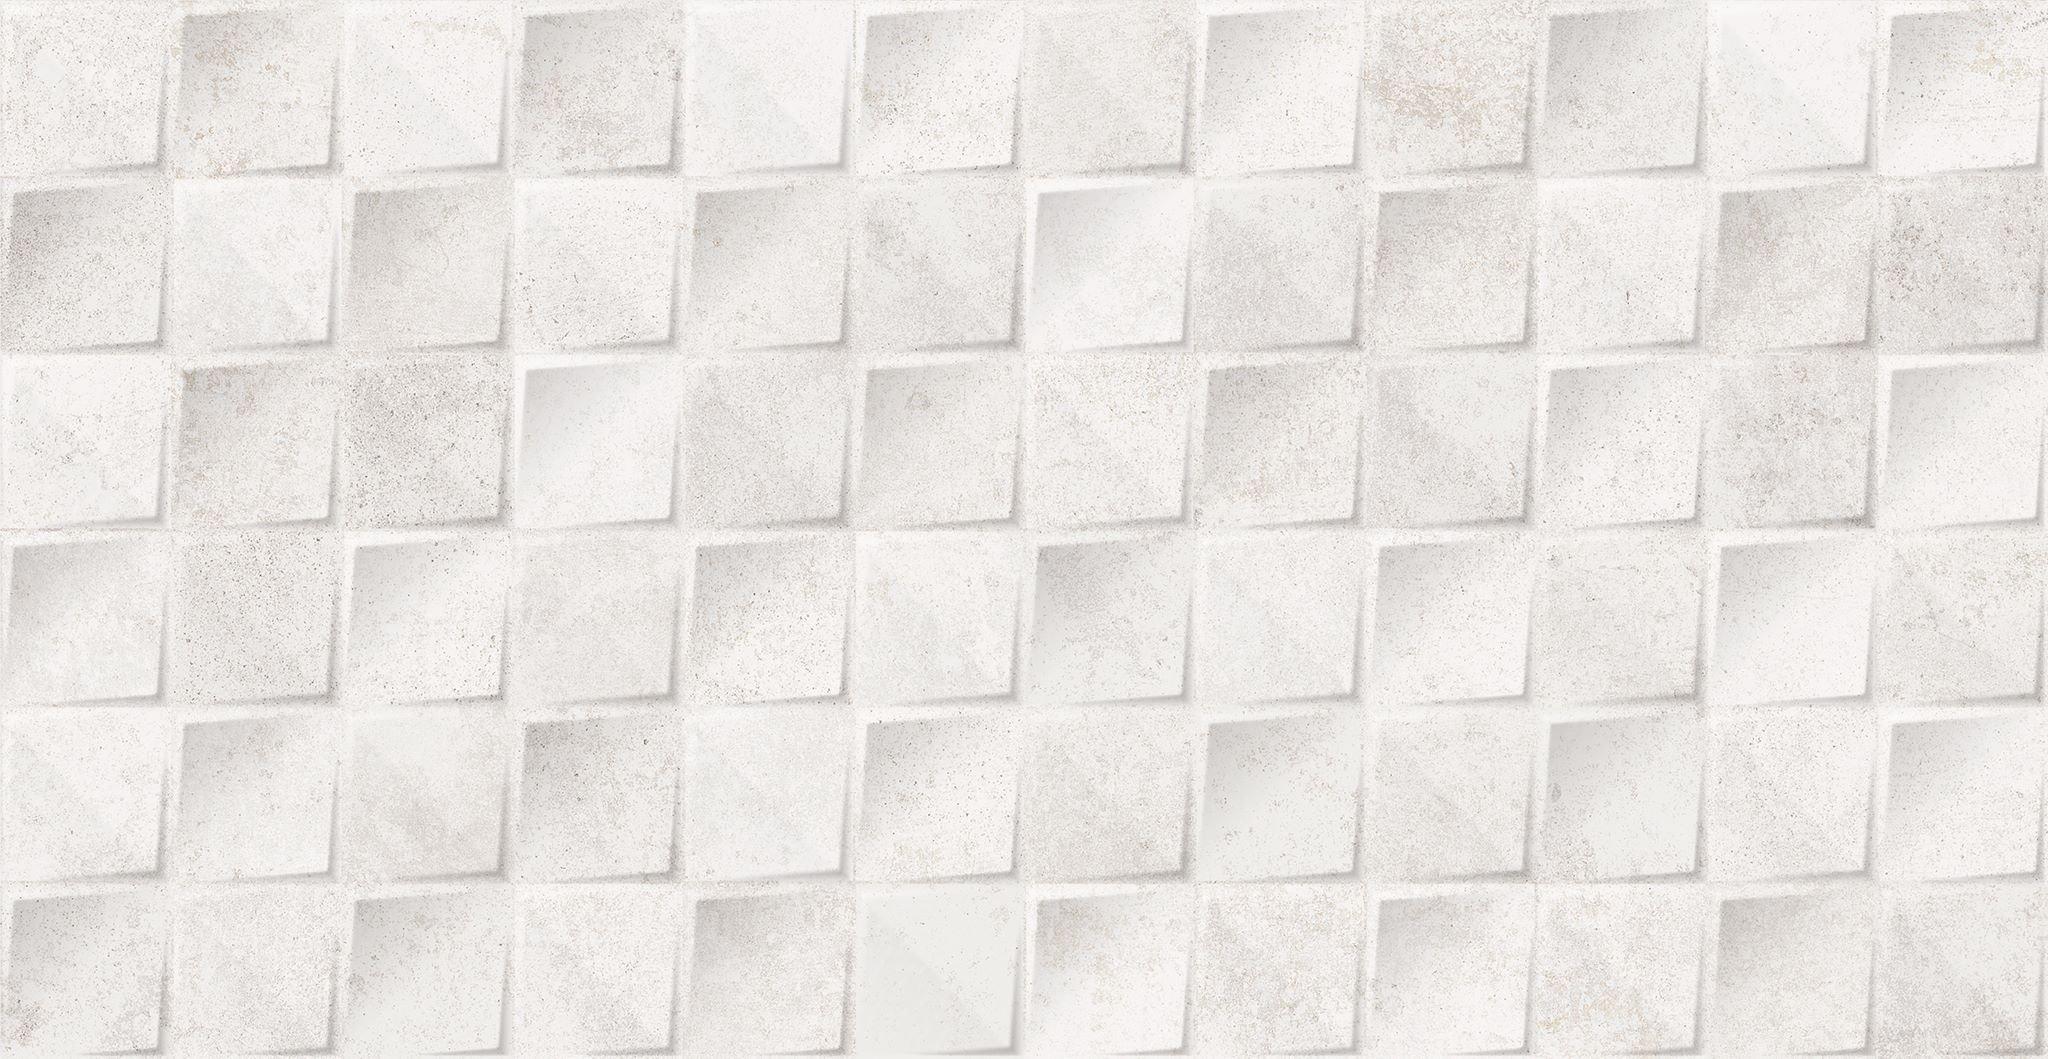 Faianță pentru baie Saloni Transfer Axel Marfil 310x600 texturată și mată mixate / 5